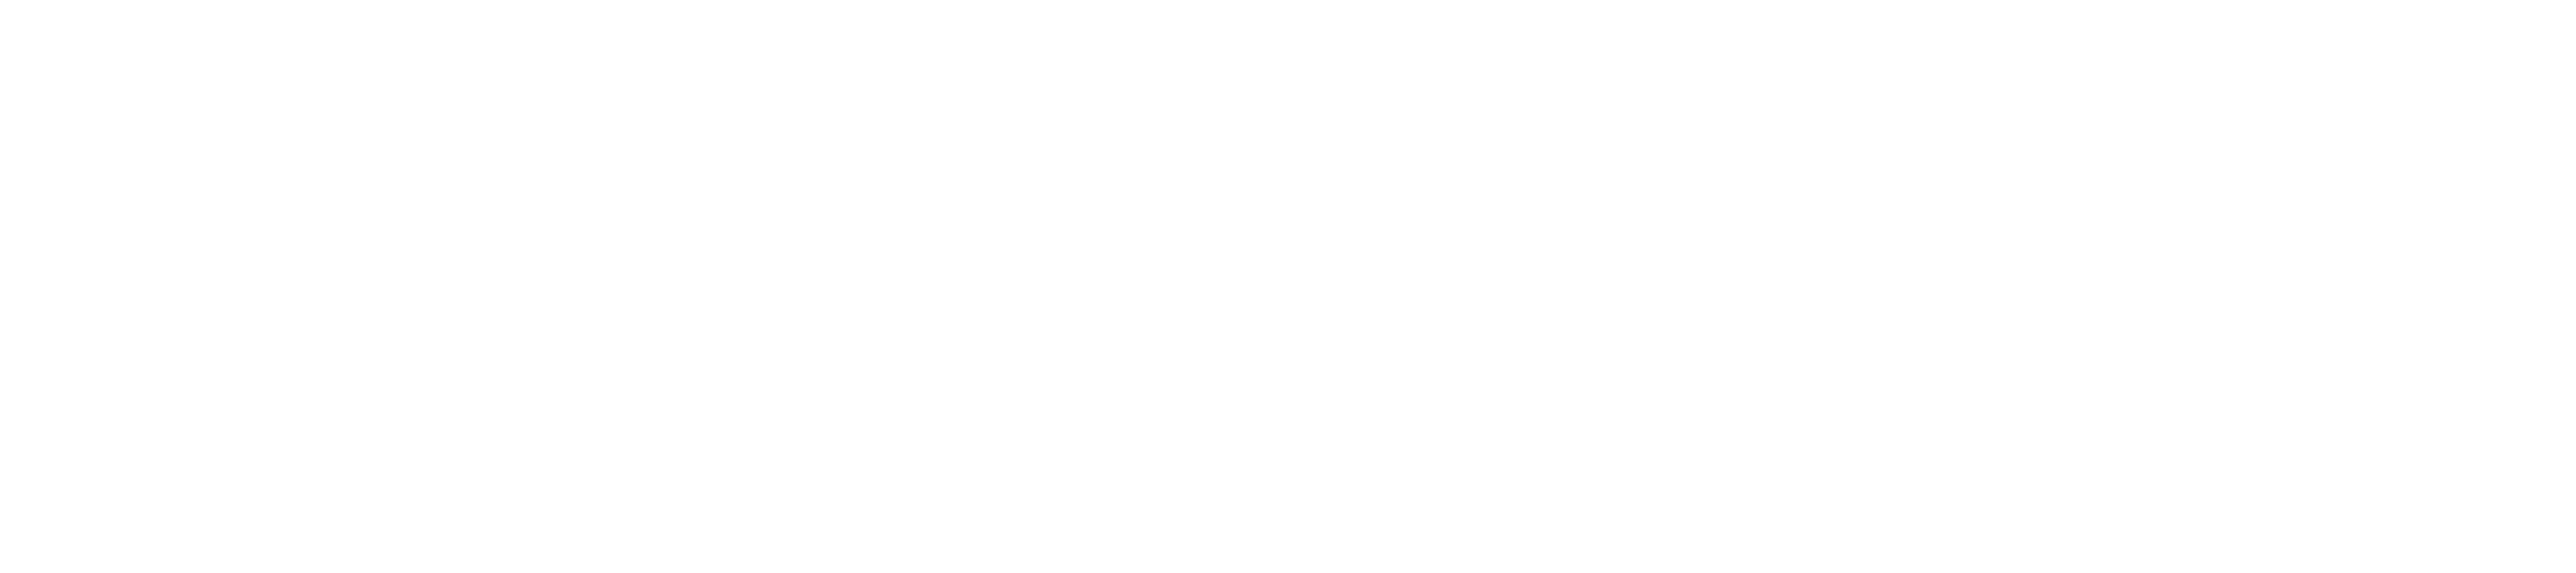 ТРК - Україна